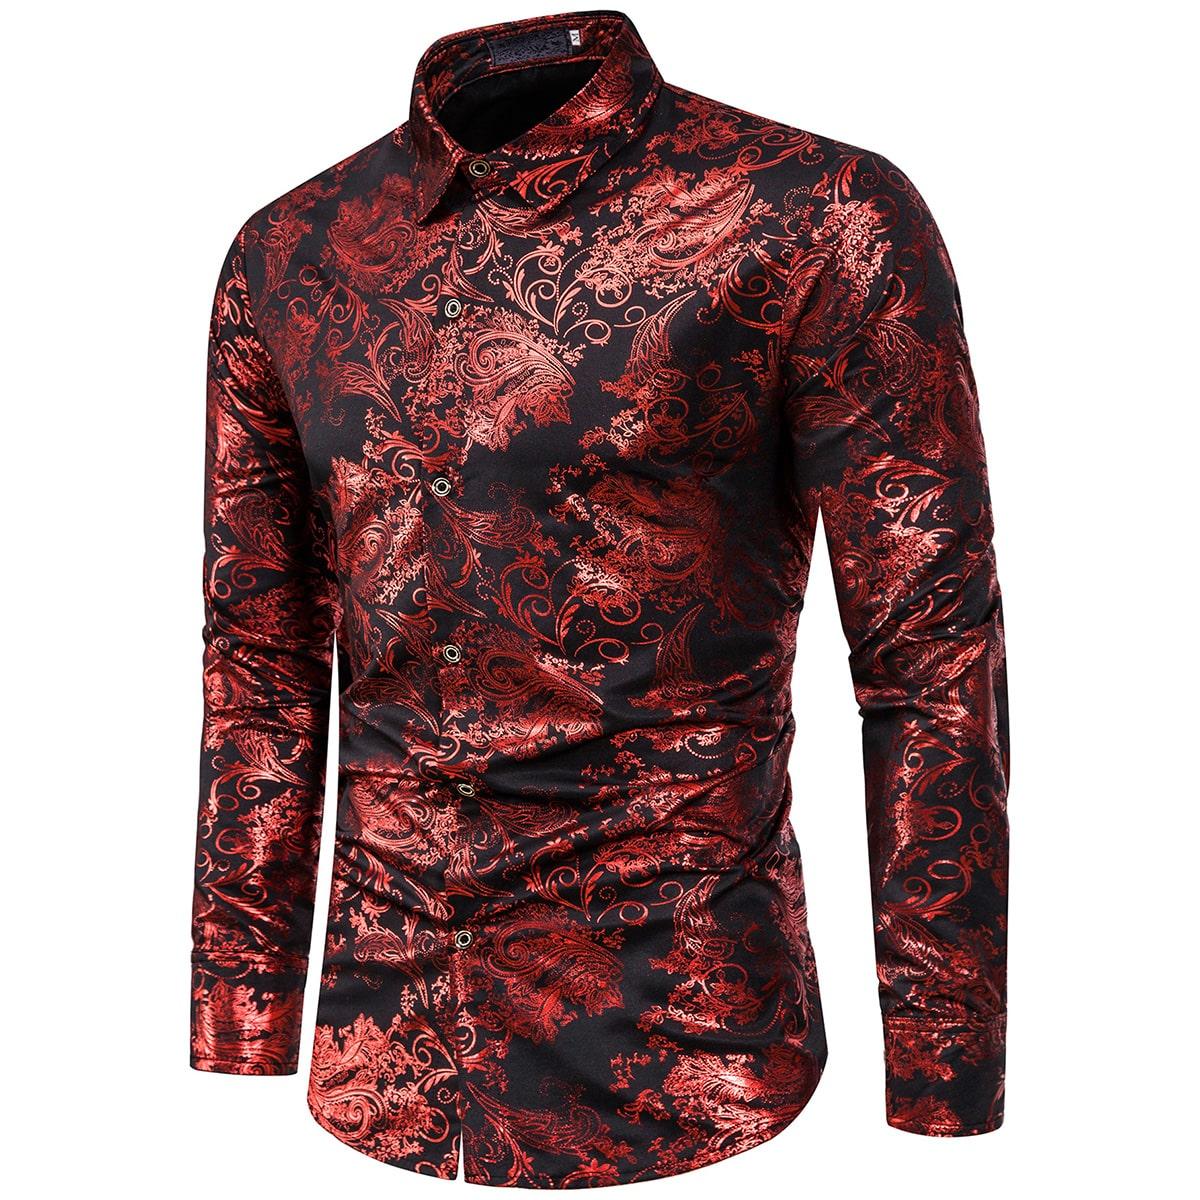 Мужская рубашка с принтом барокко на пуговицах